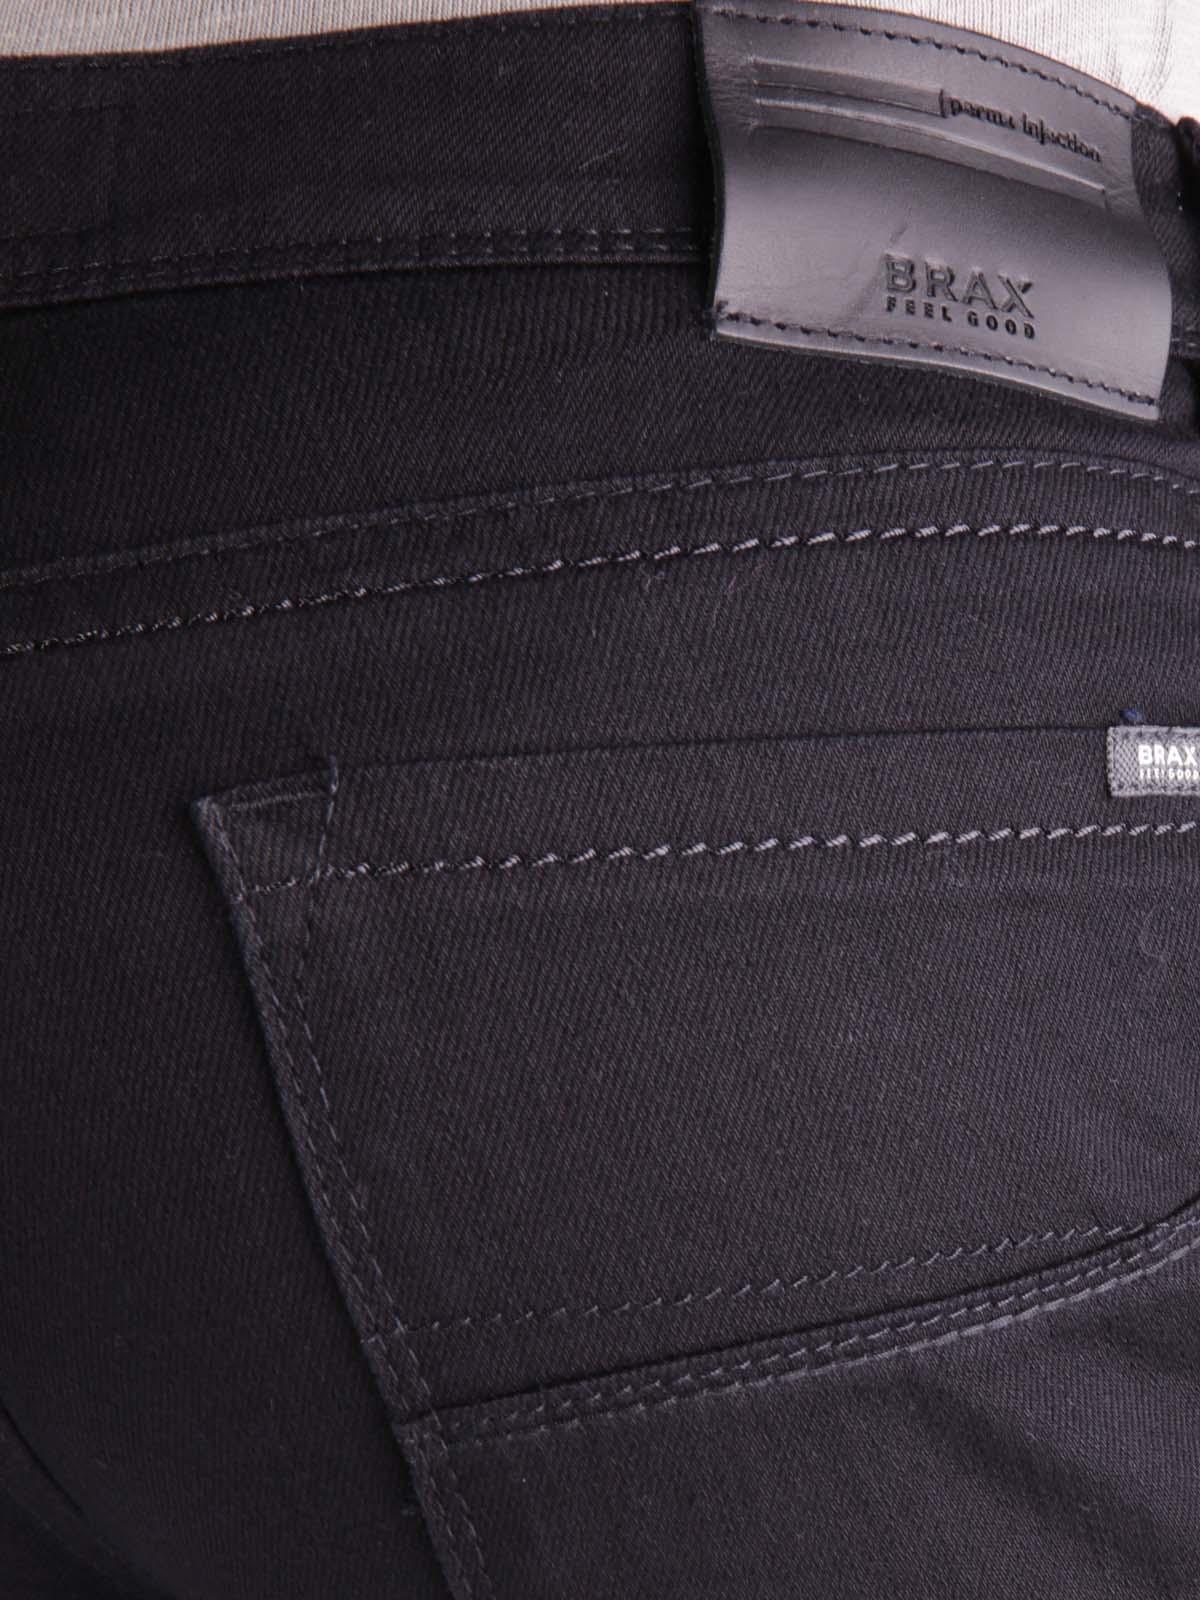 extrem einzigartig vorbestellen großartiges Aussehen Brax Cadiz Jeans perma black W31/L32